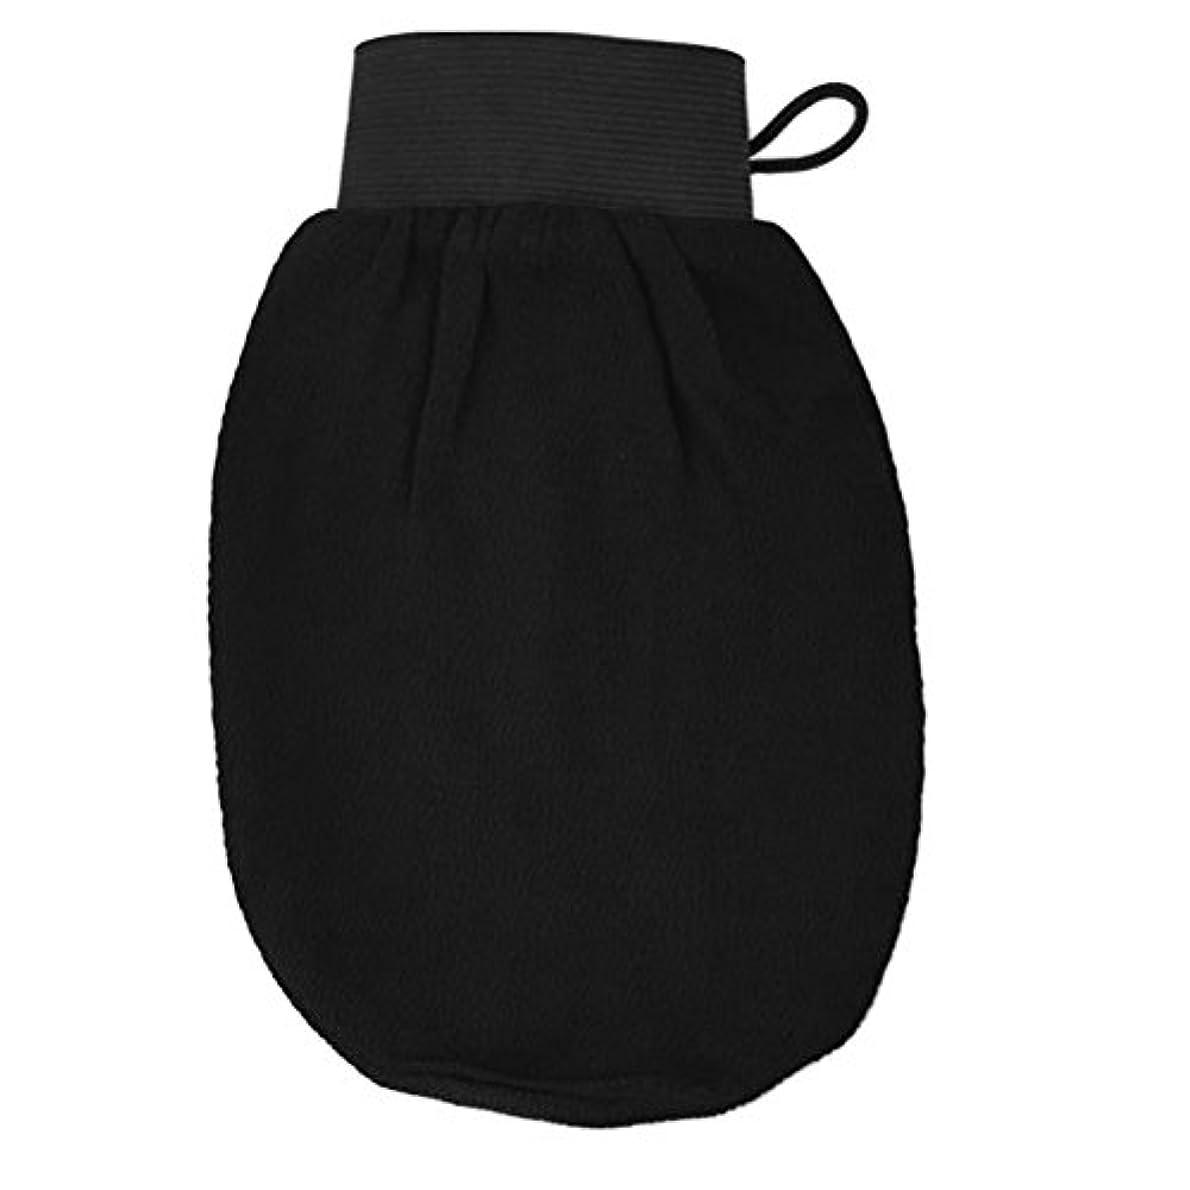 モバイル慰めびんROSENICE バスグローブ 浴用グローブ 角質取り 泡立ち 垢擦り 手袋 マッサージ ボディウォッシュ シャワー バスルーム 男女兼用 バス用品(ブラック)